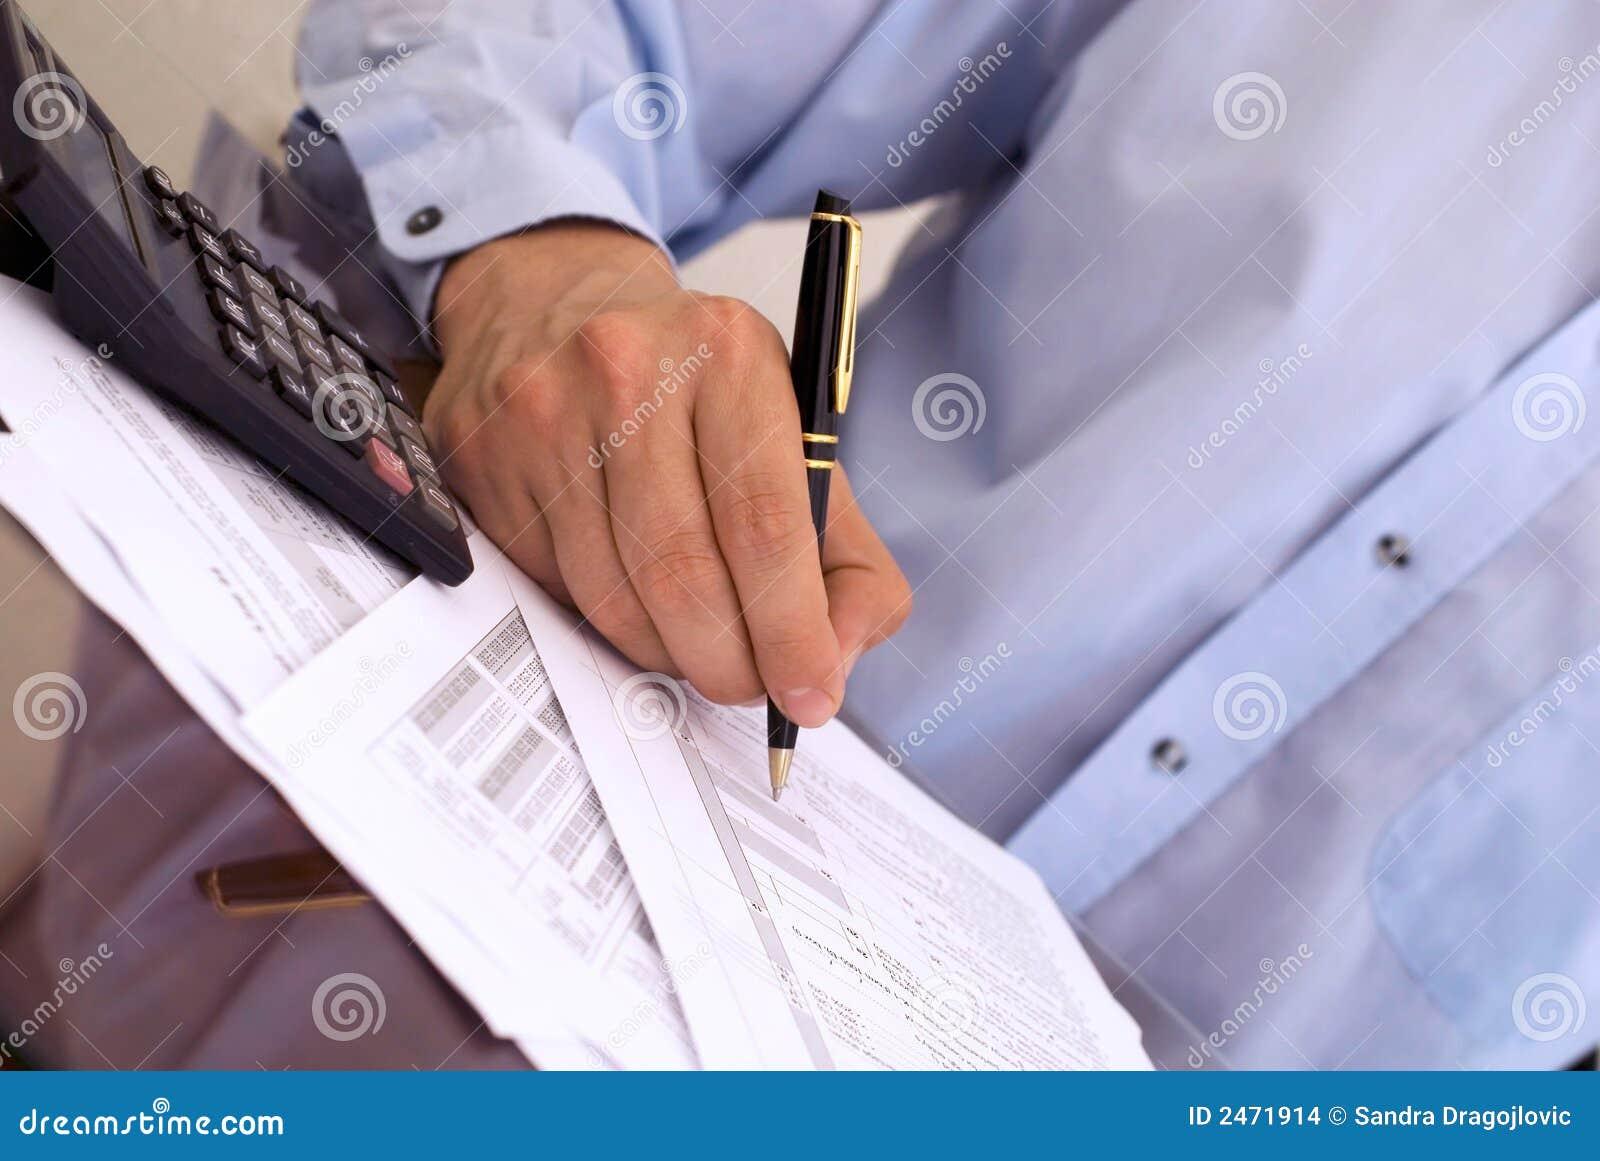 Calculando o imposto